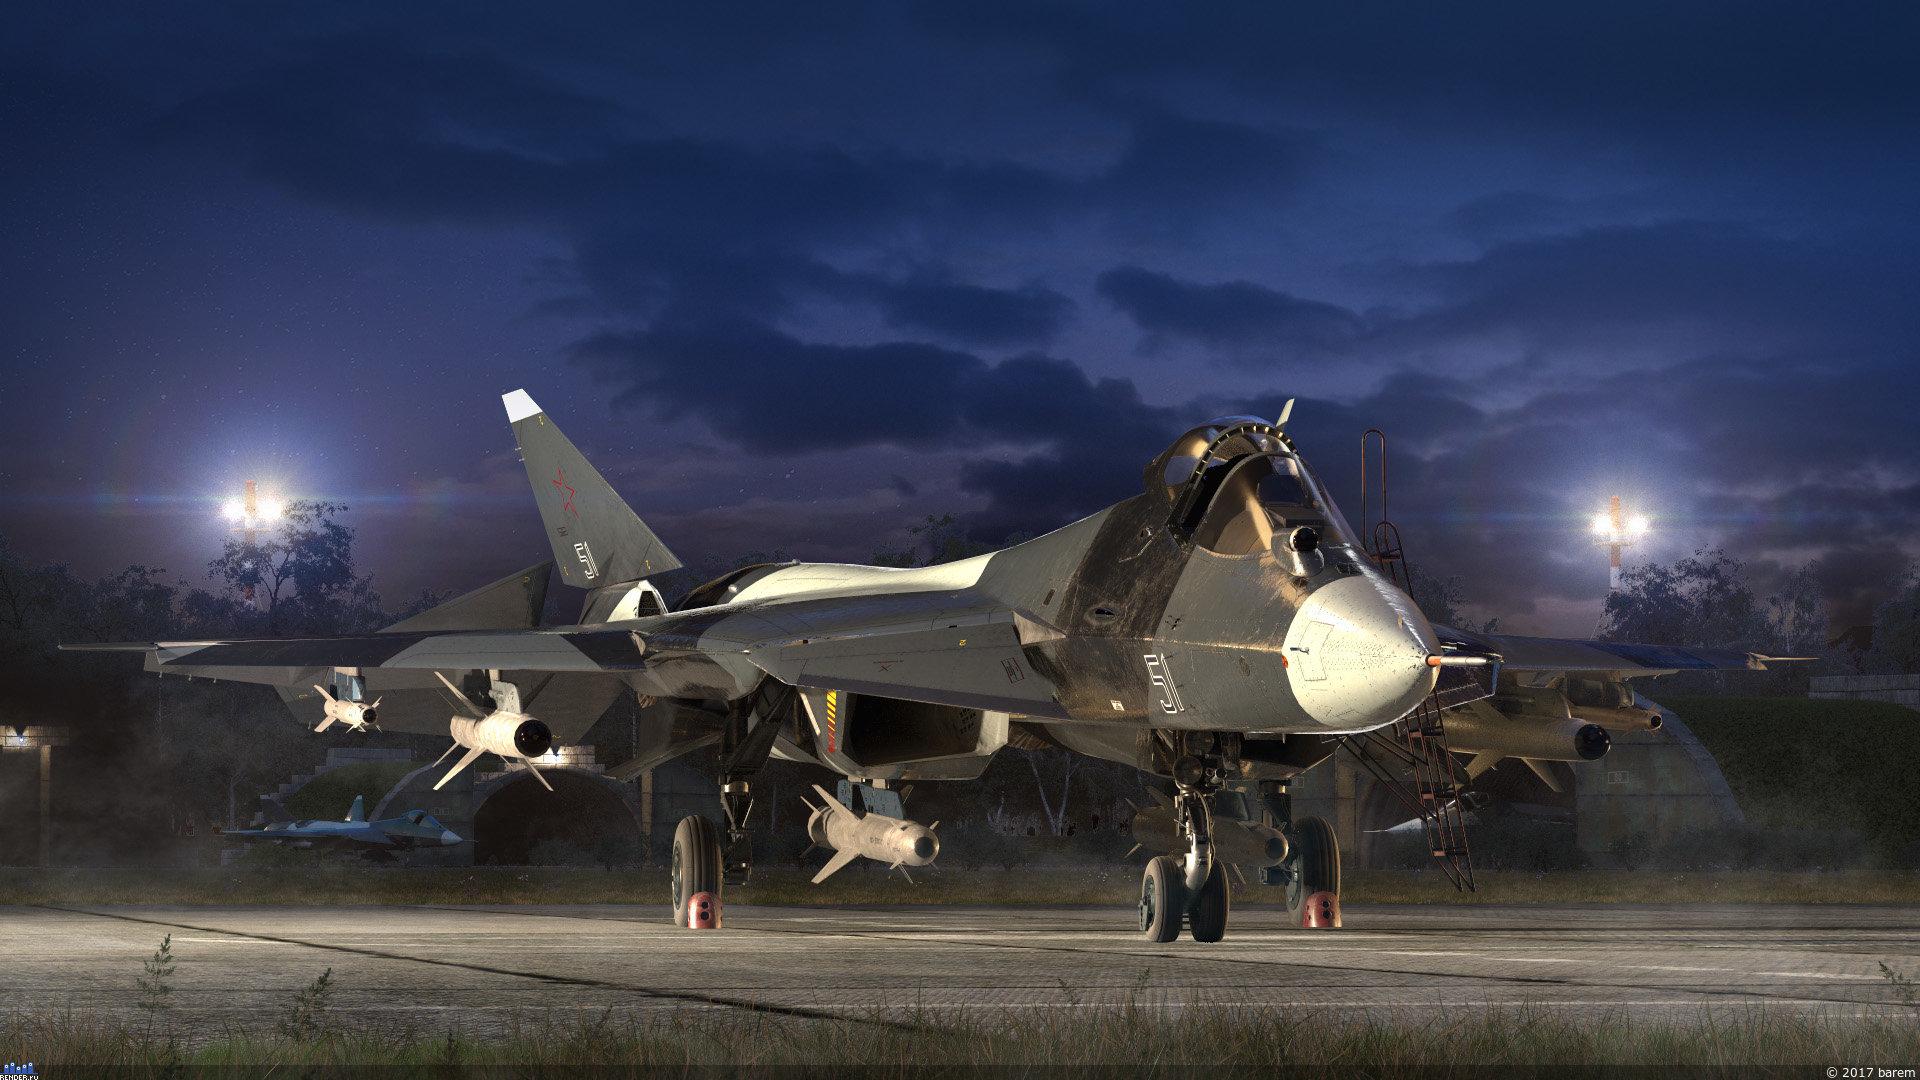 Гроссмейстер воздушного боя: названы ключевые преимущества Су-57 перед F-22 и F-35